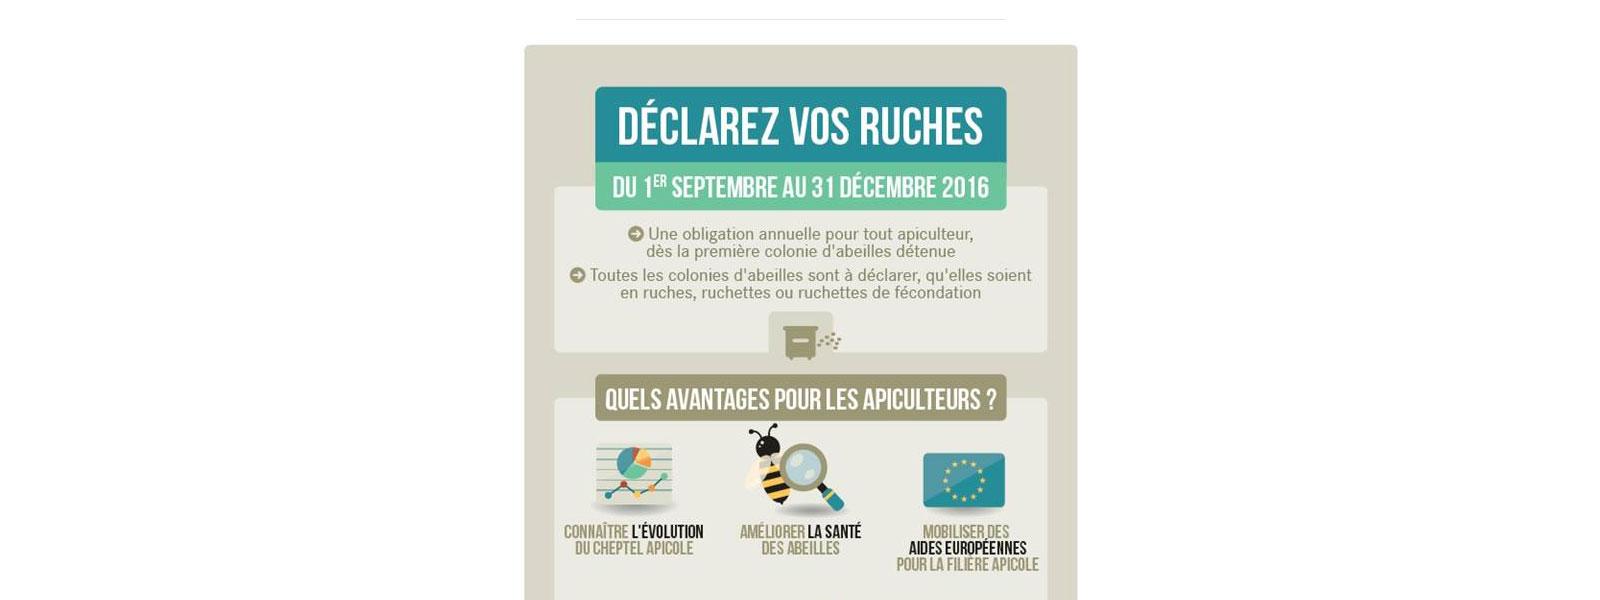 Déclaration de ruches 2016 : Du 1er septembre au 31 décembre 2016